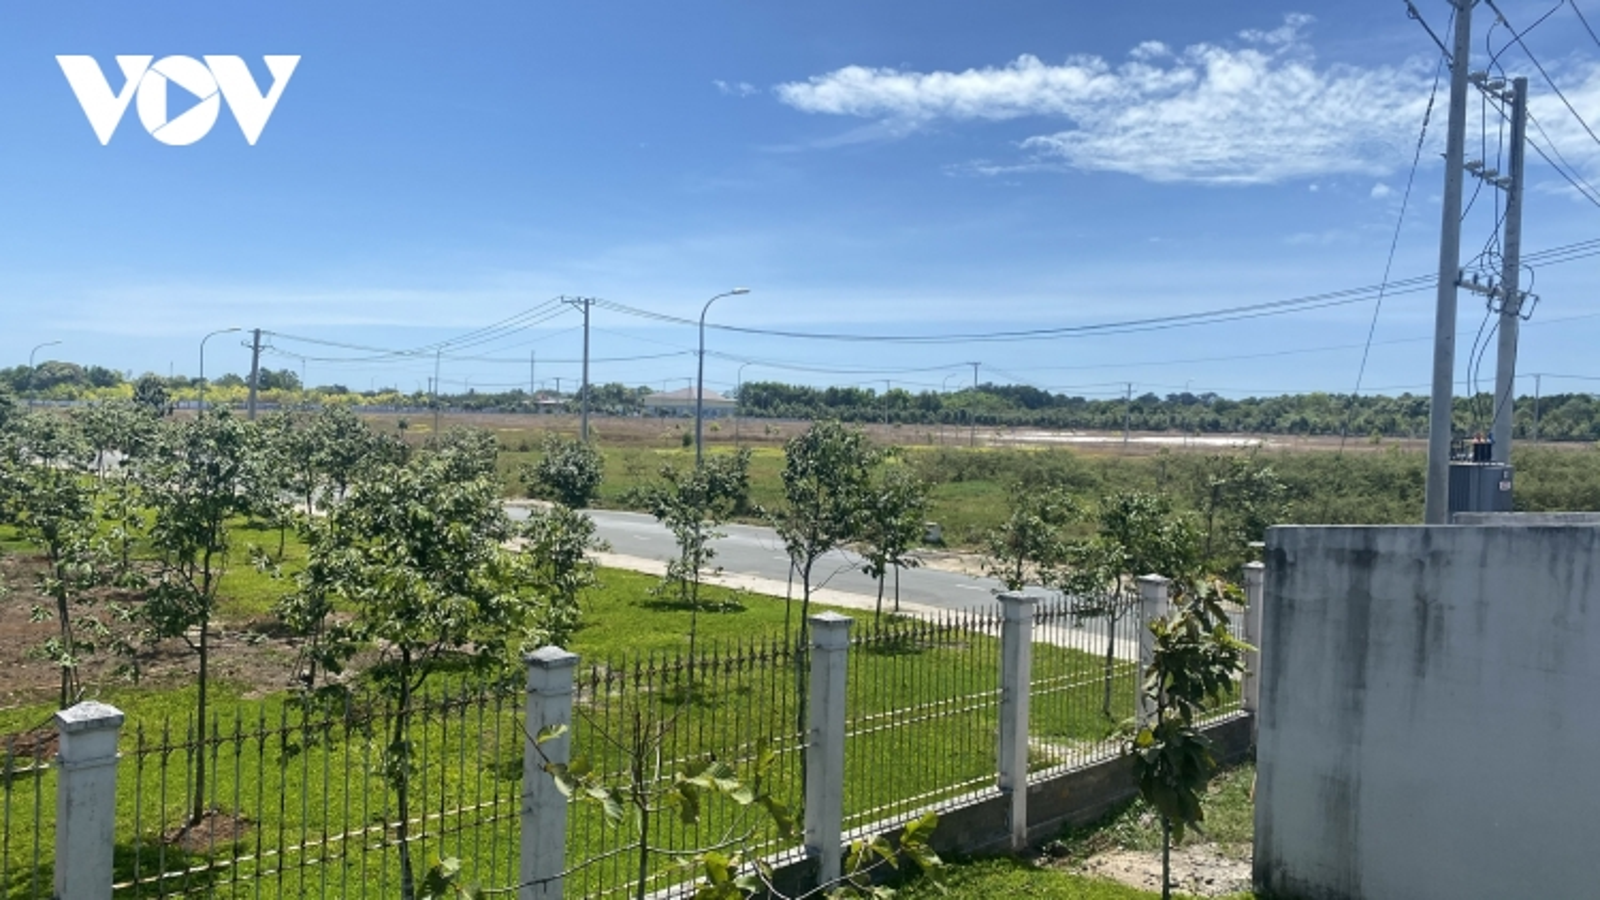 Nhiều cụm công nghiệp ở Bà Rịa - Vũng Tàu để lãng phí đất đai, hạ tầng